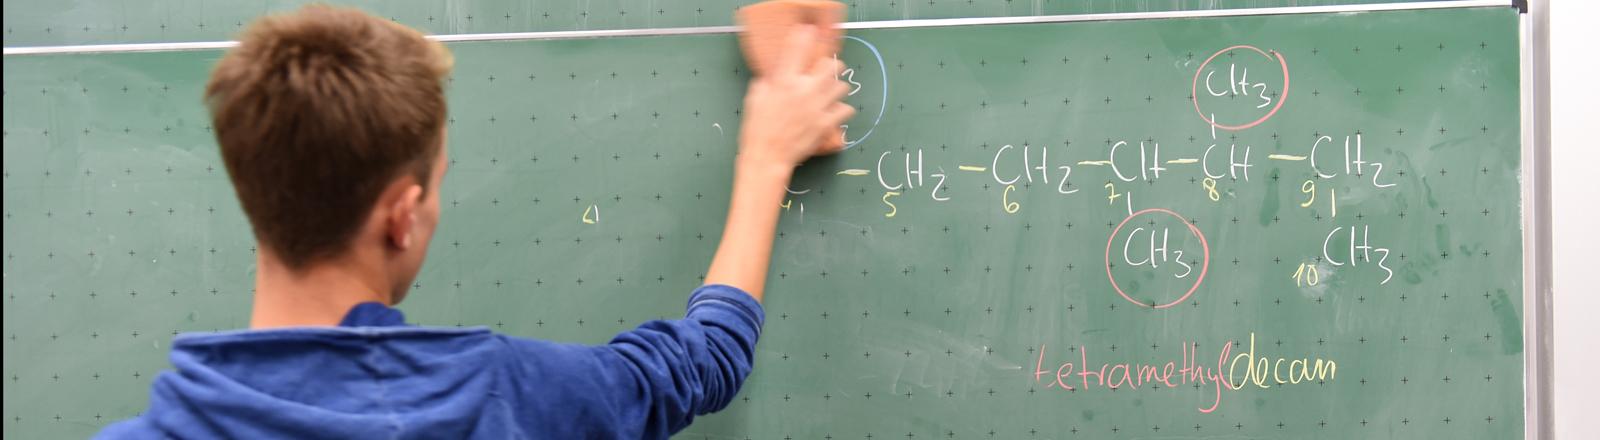 Schüler steht vor einer Tafel